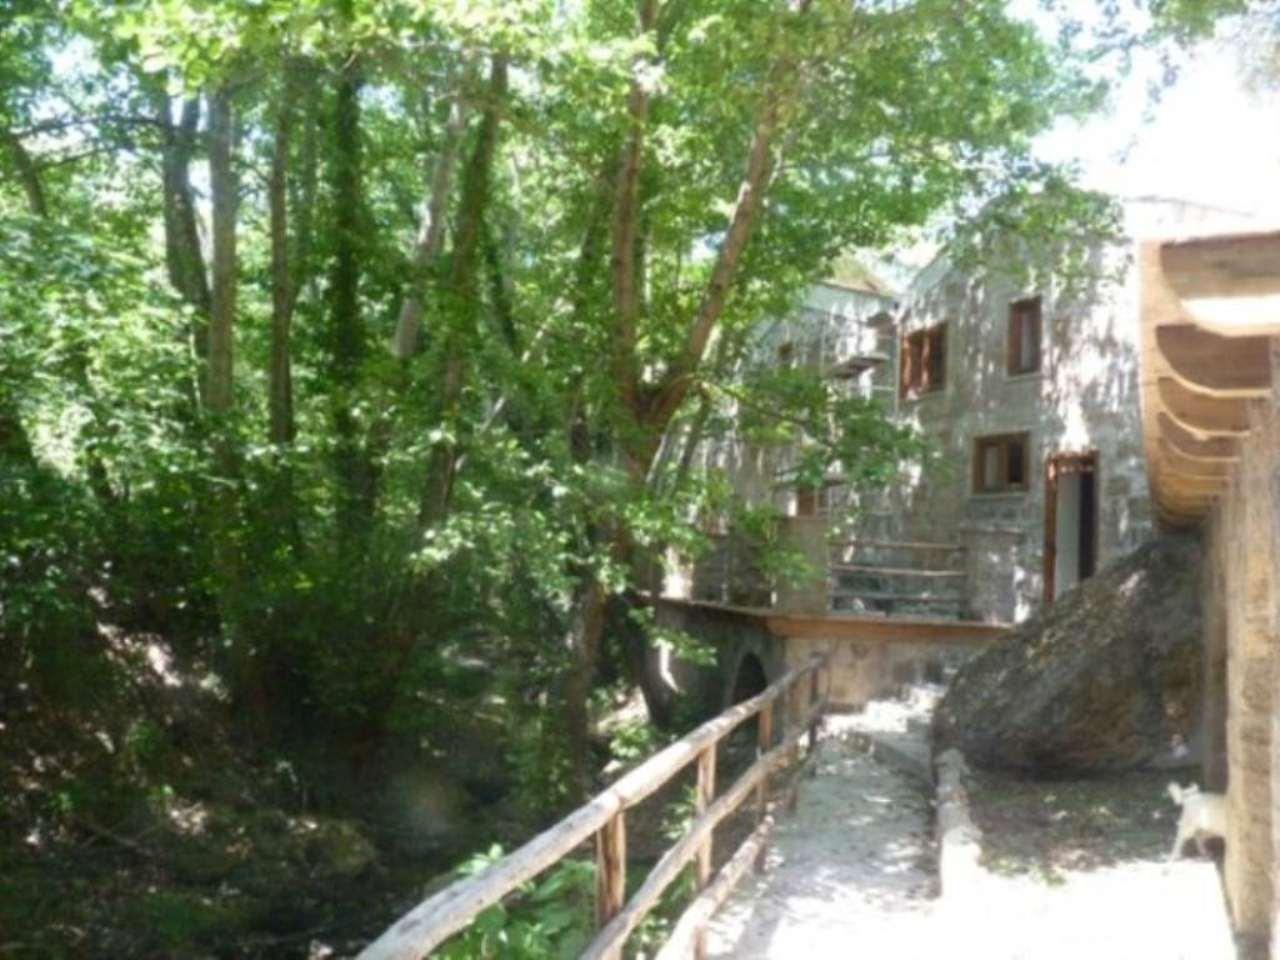 Rustico / Casale in vendita a Vetralla, 6 locali, Trattative riservate | CambioCasa.it